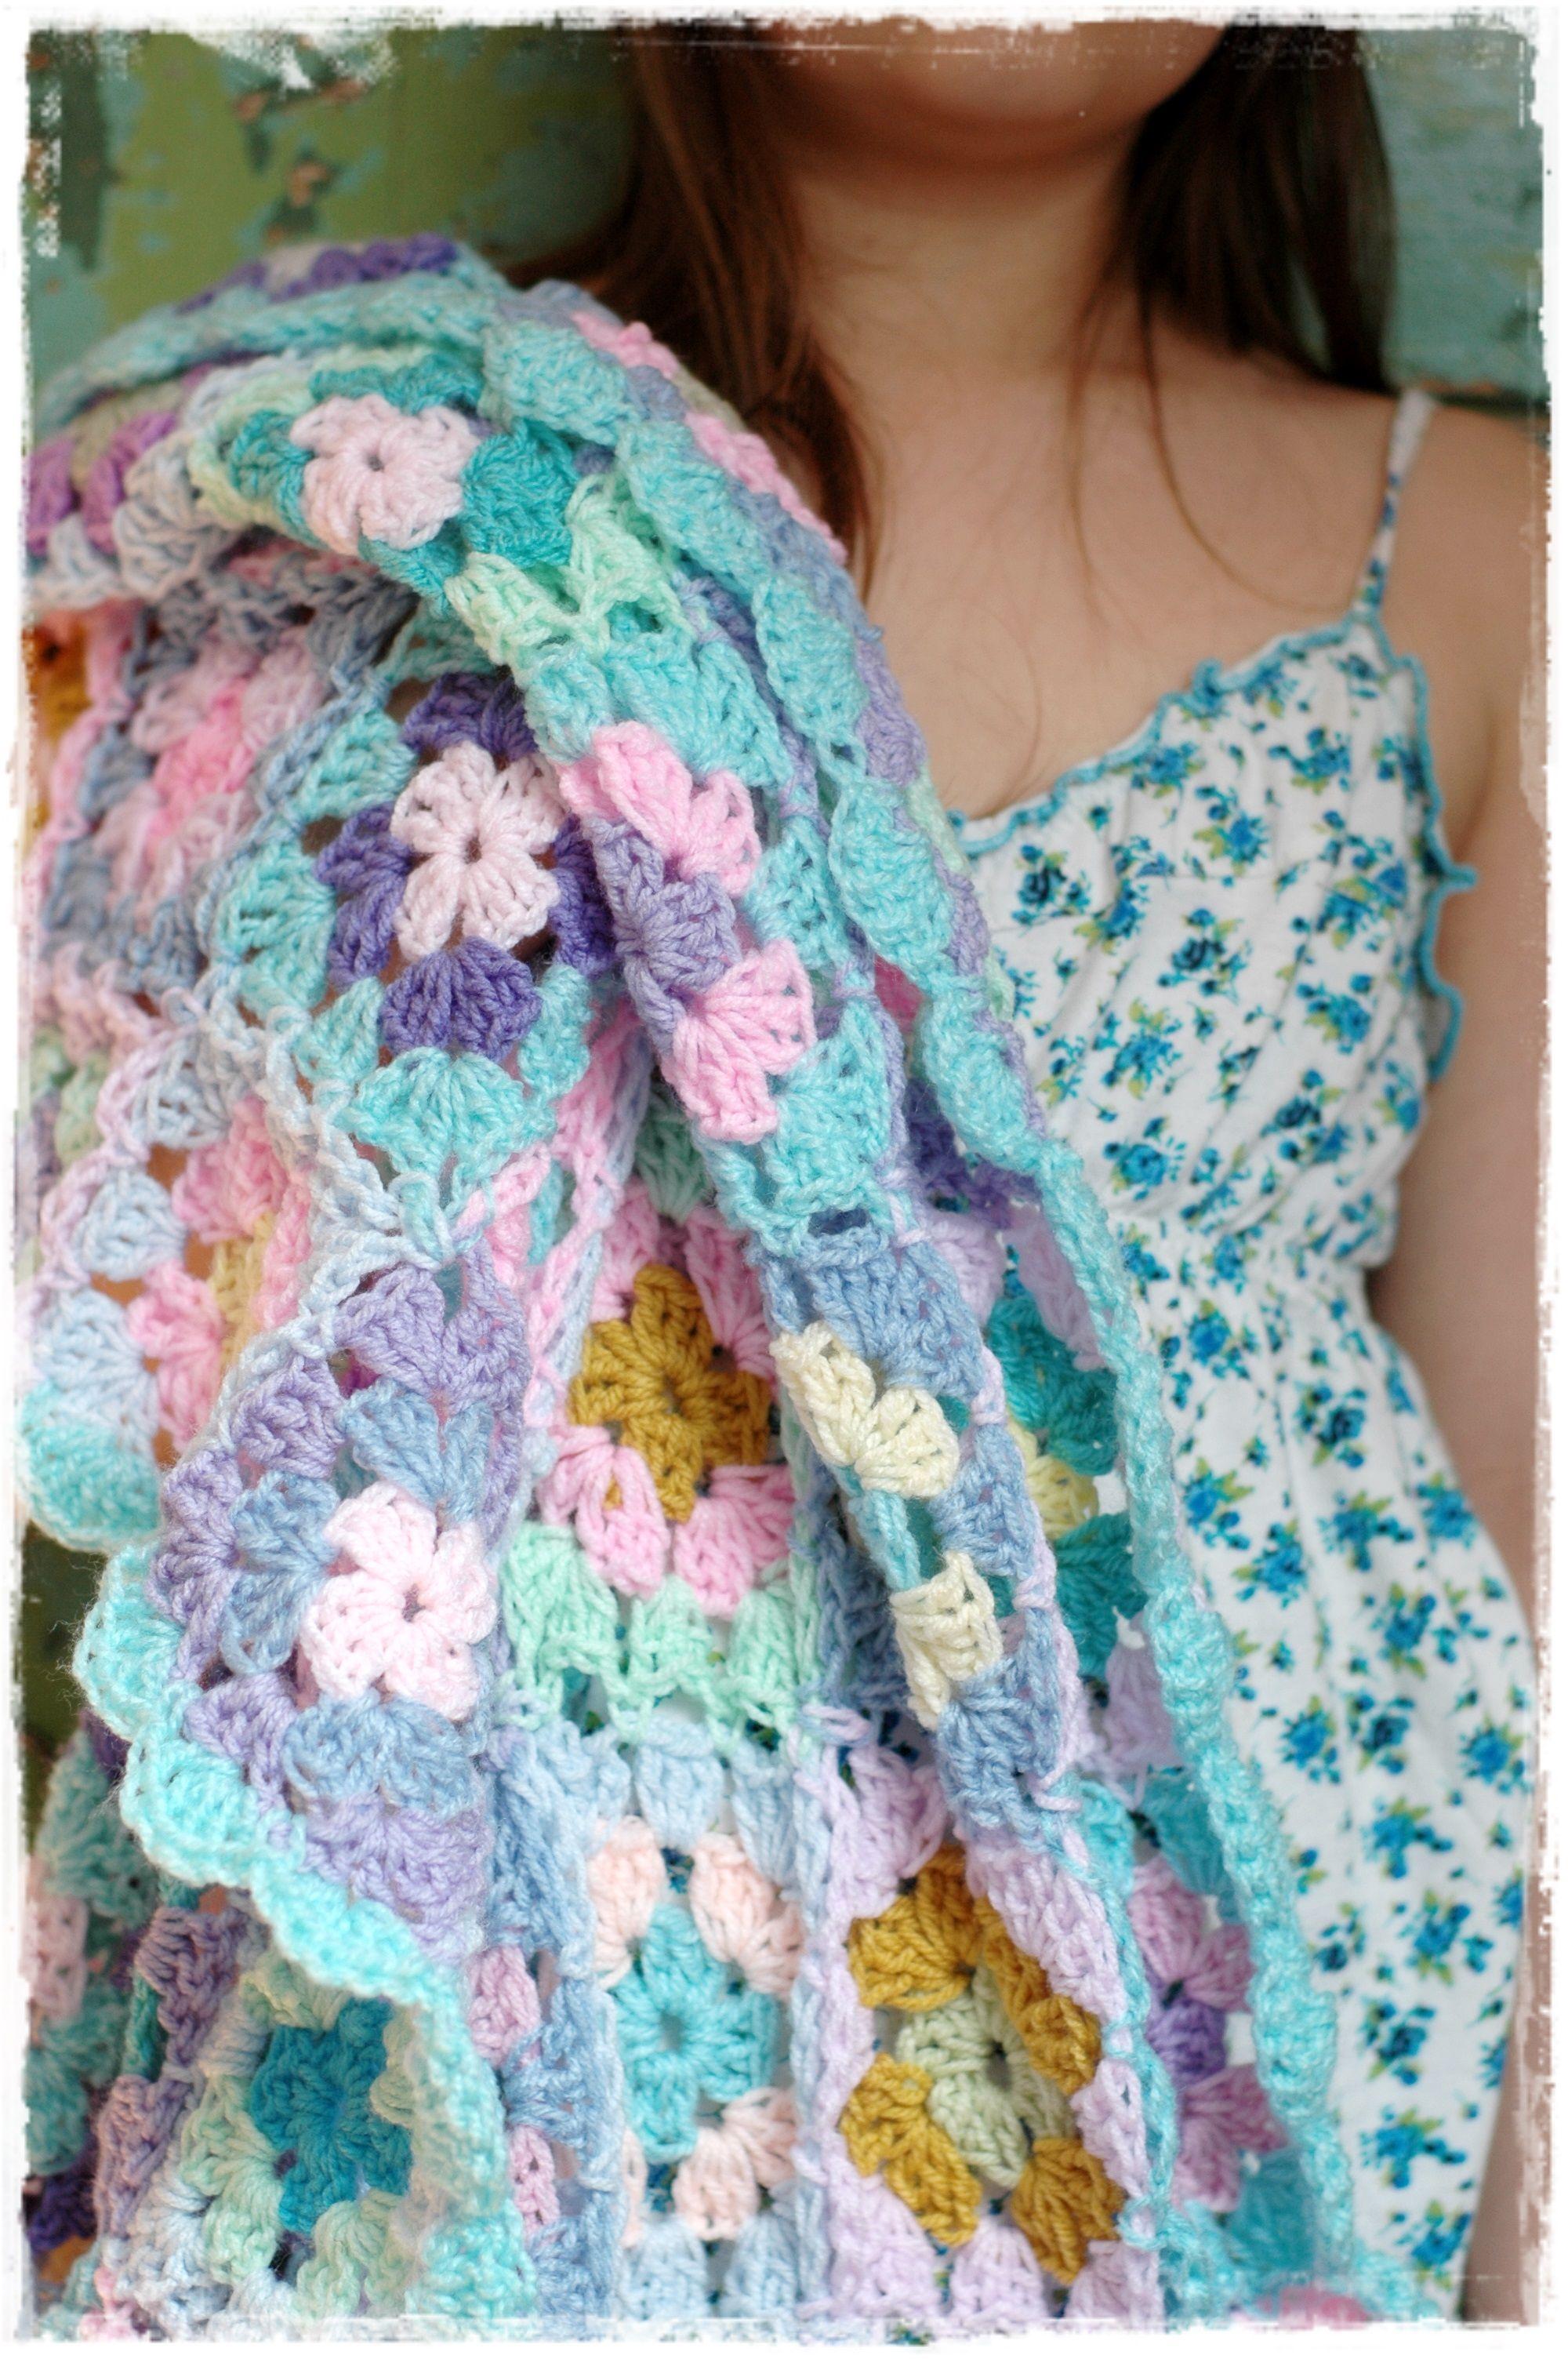 crochet granny square blanket afghan | my crochet | Pinterest ...